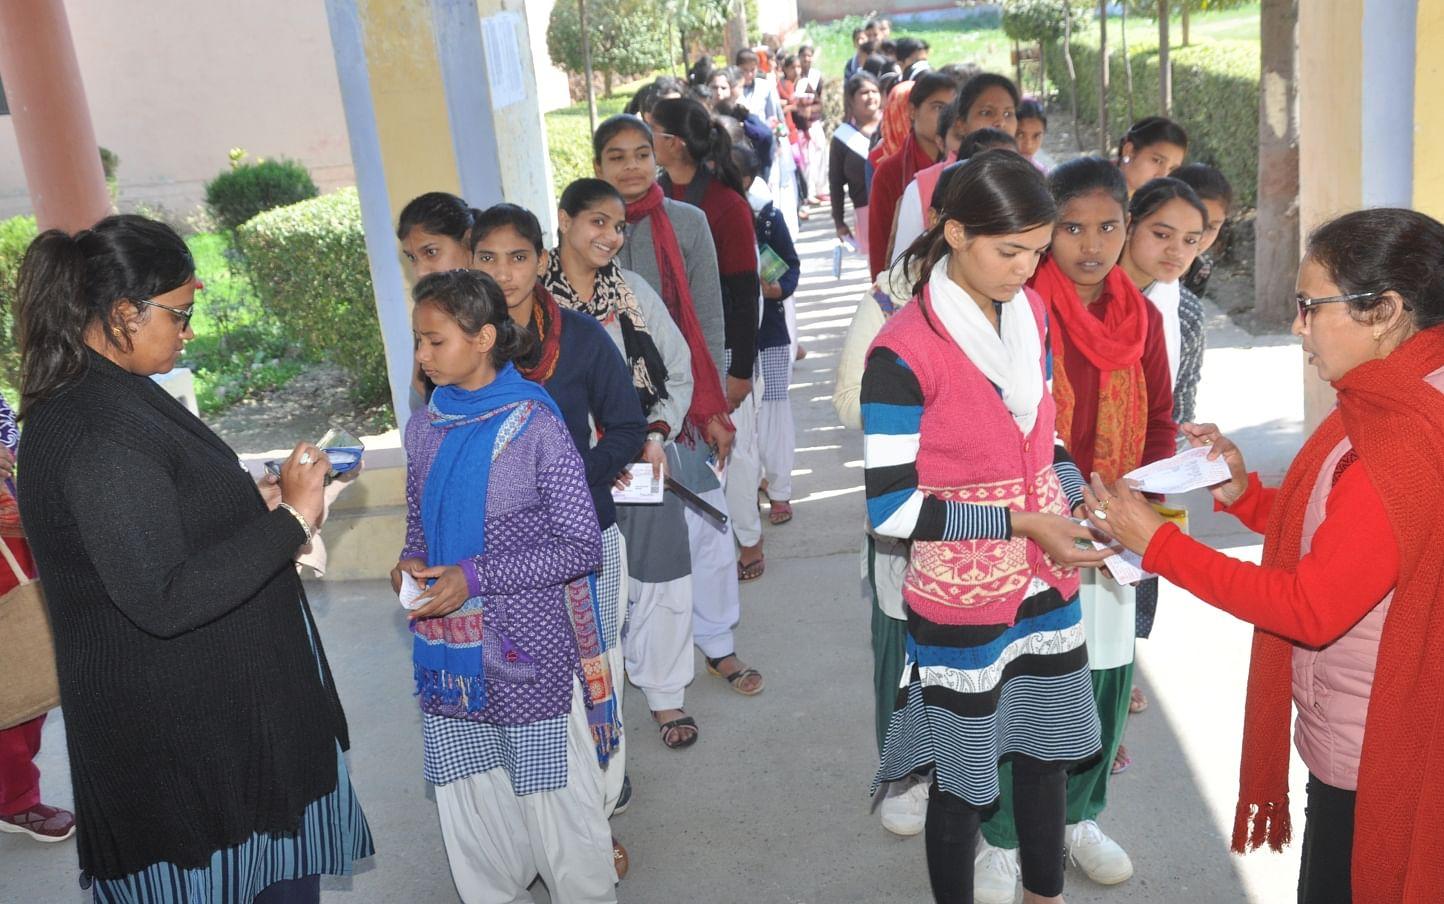 शामली में आरके इंटर कॉलेज में परीक्षा के दौरान छात्राओं की तलाशी लेतीं शिक्षिकाएं।